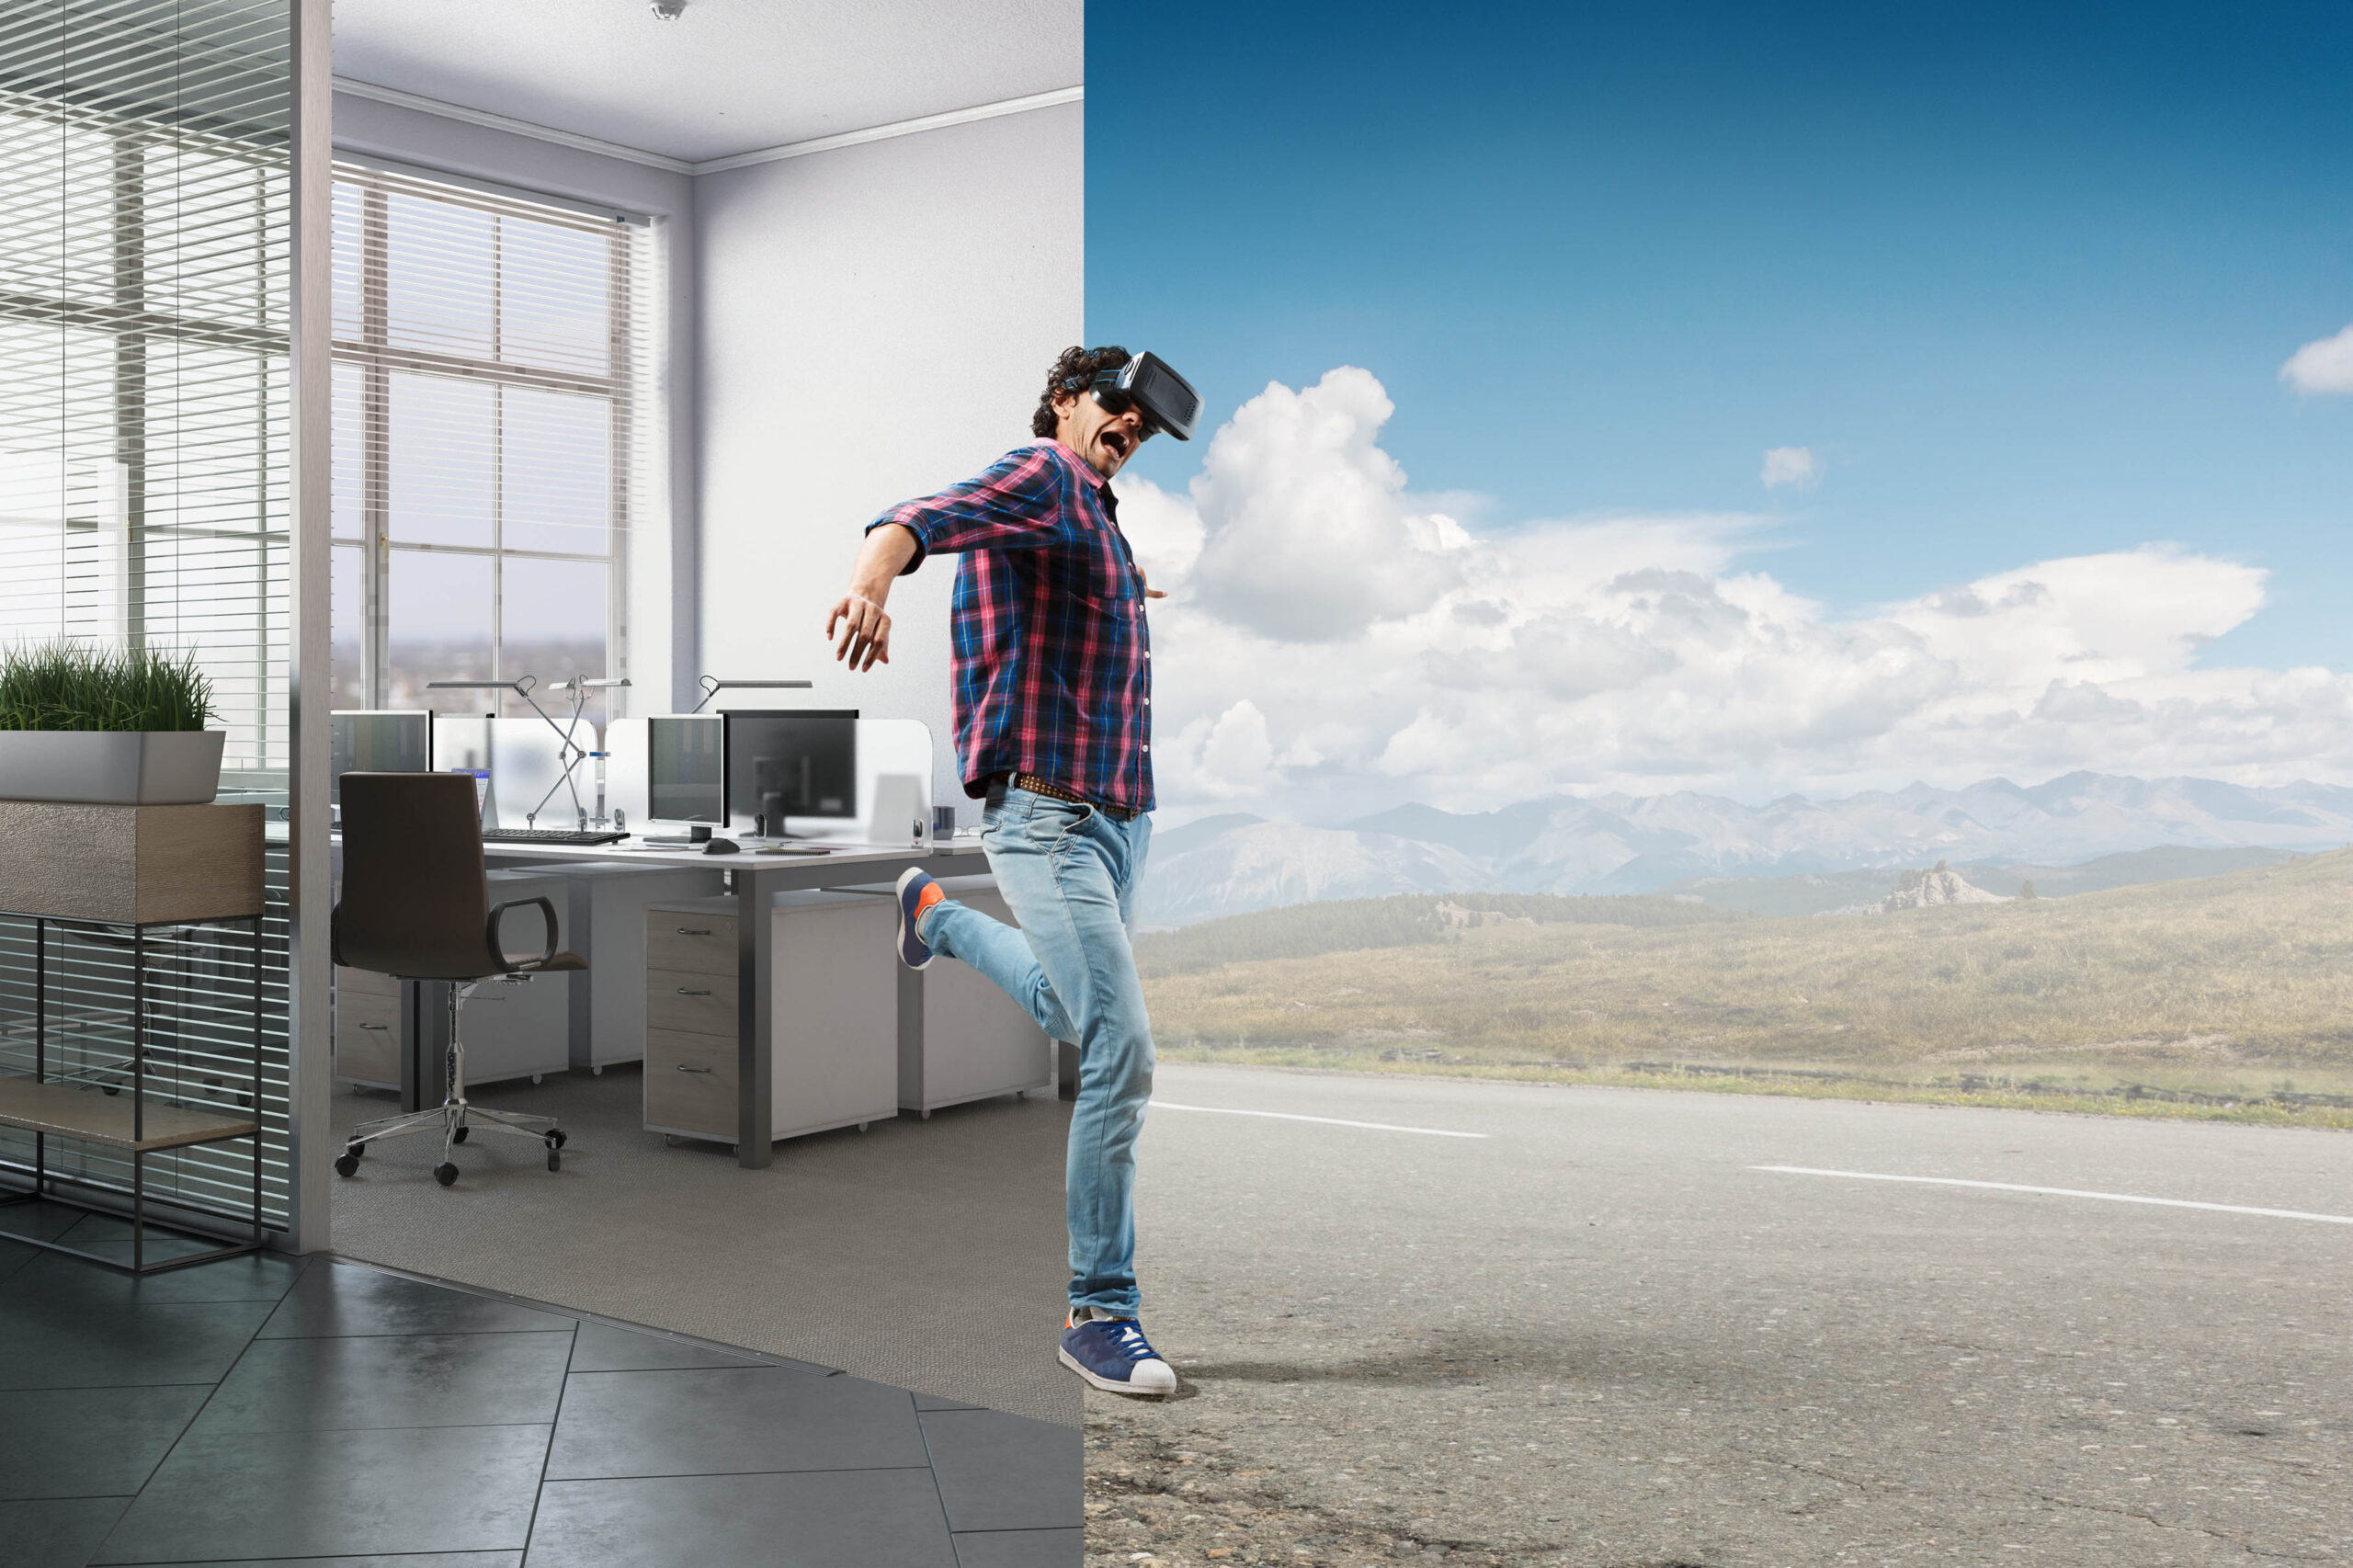 Junger Mann in Jeans und Karo-Hemd trägt Virtual Reality Brille. Er springt von seinem Büro in die virtuelle Welt, die einer amerikanischen Landschaft mit Highway gleicht.